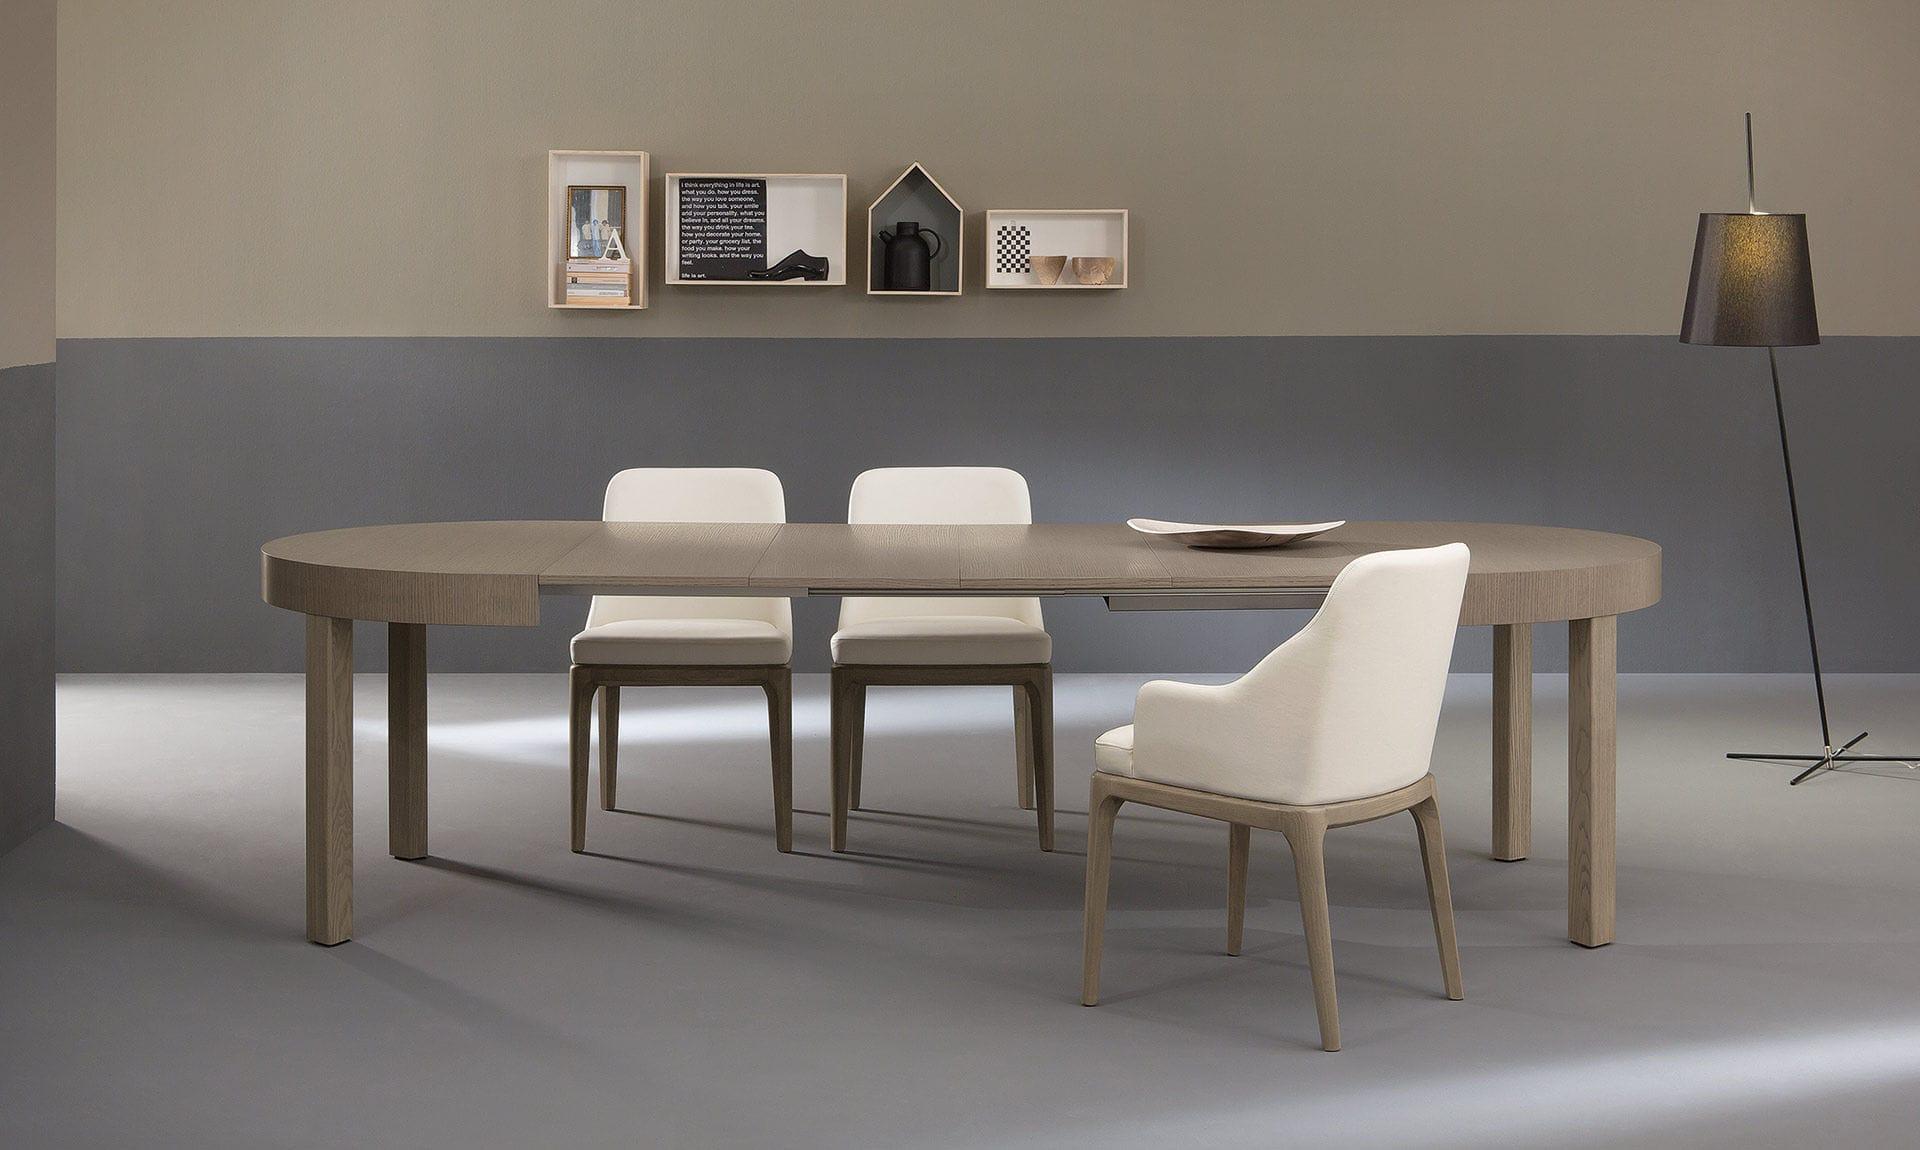 Tavolo da pranzo moderno - ZED - Riflessi - in legno ...